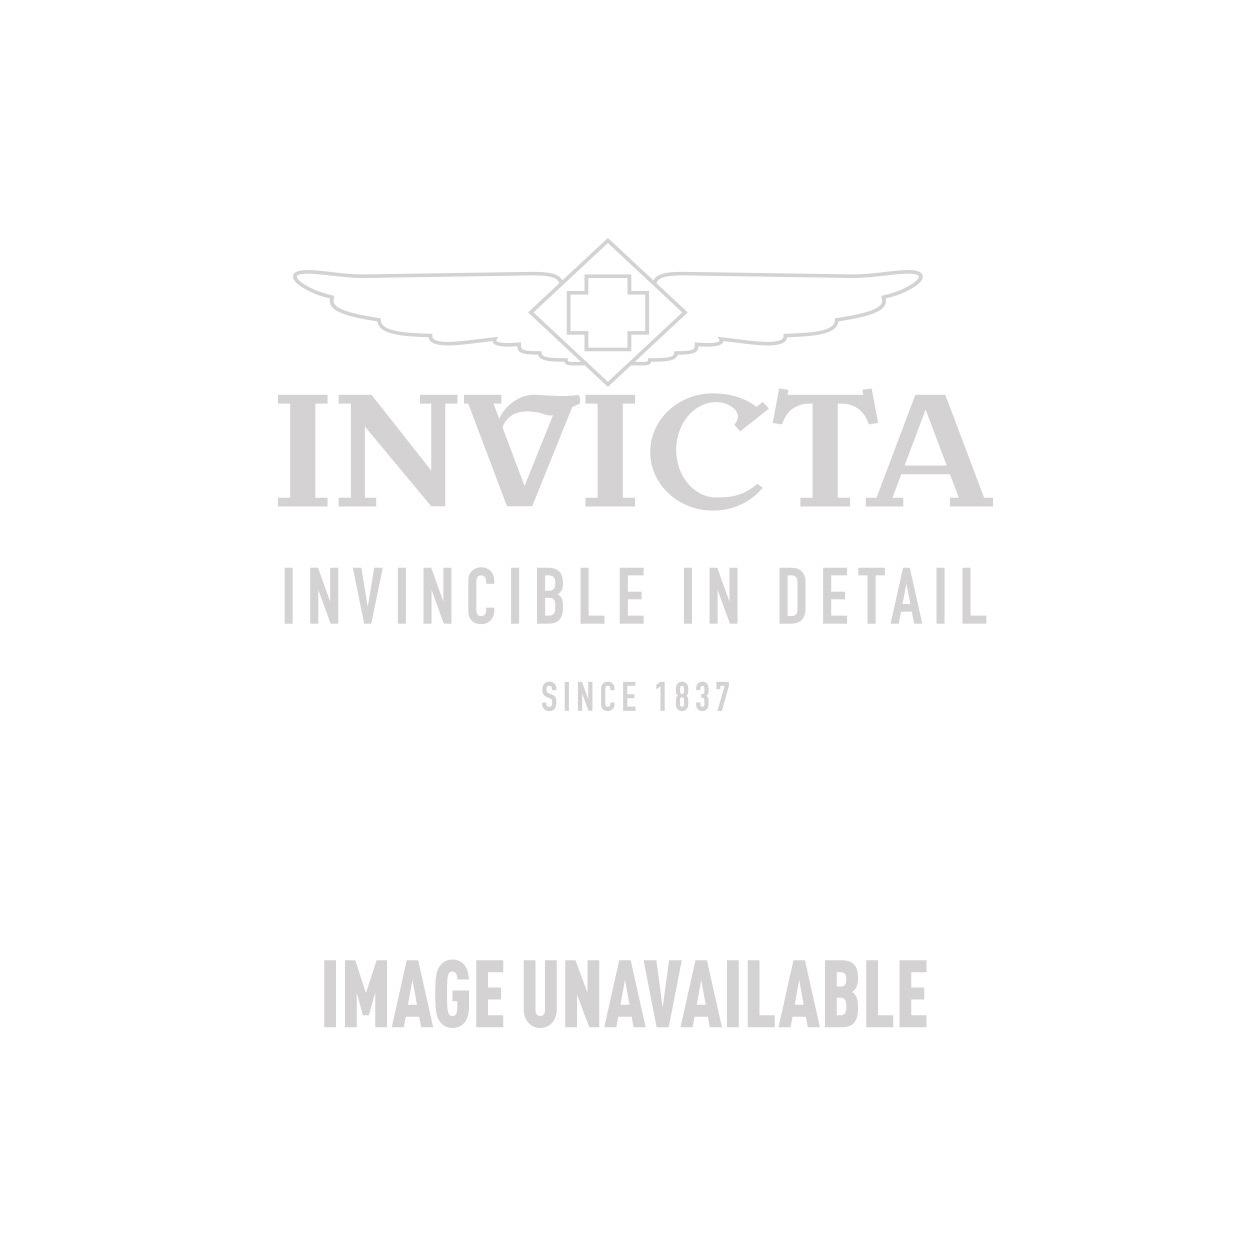 Invicta Model 29606